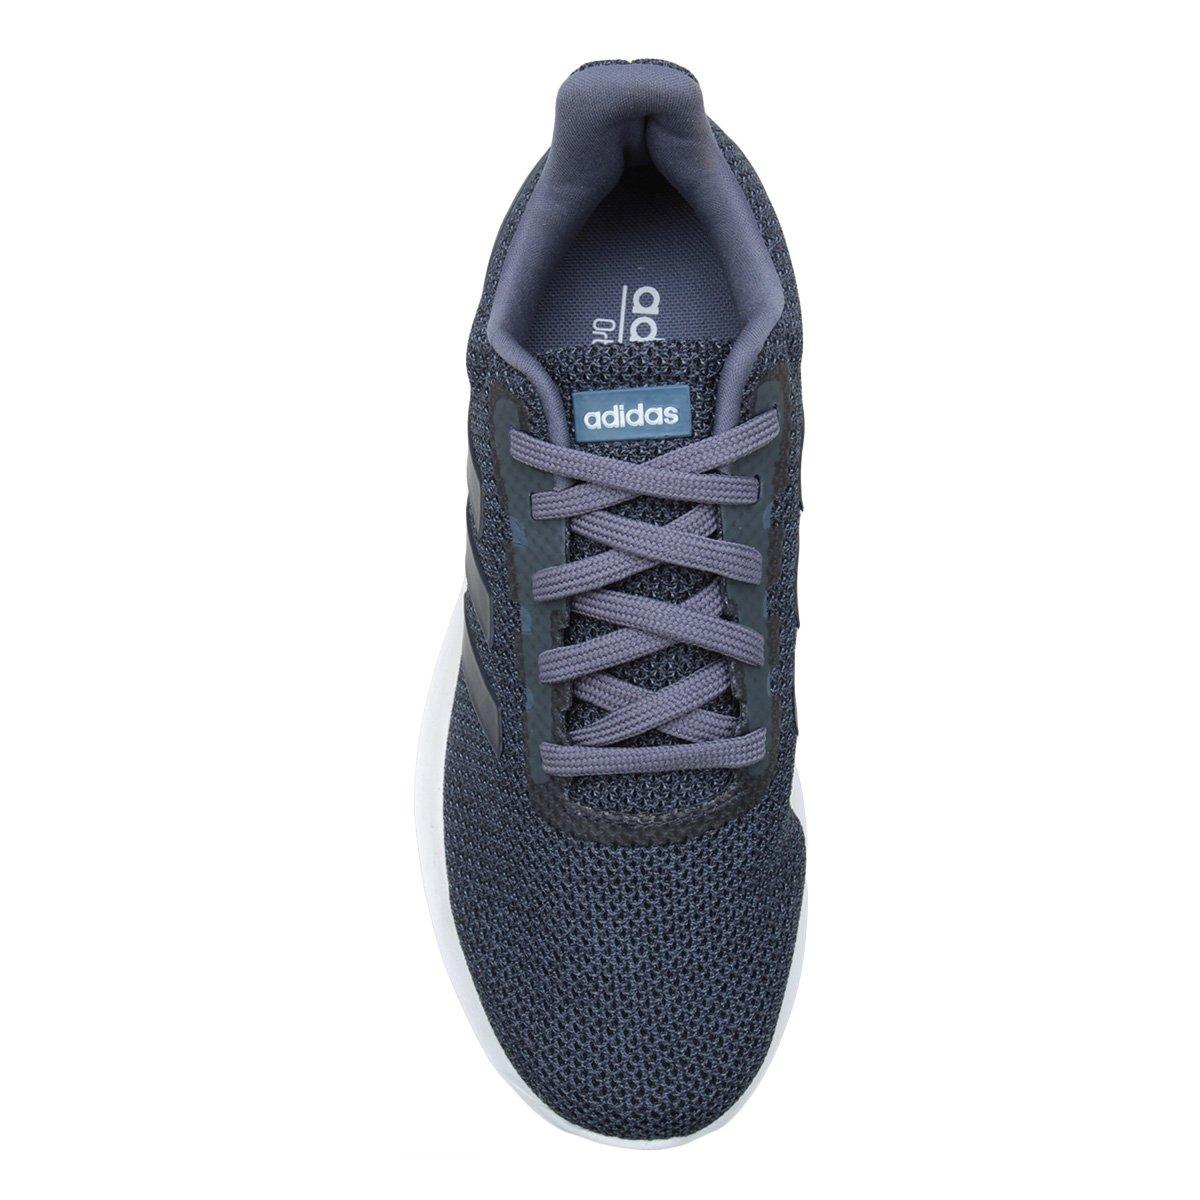 Feminino Adidas SL Tênis Adidas Tênis Azul SL Feminino Cosmic Azul 2 2 Cosmic fRw5xUq5